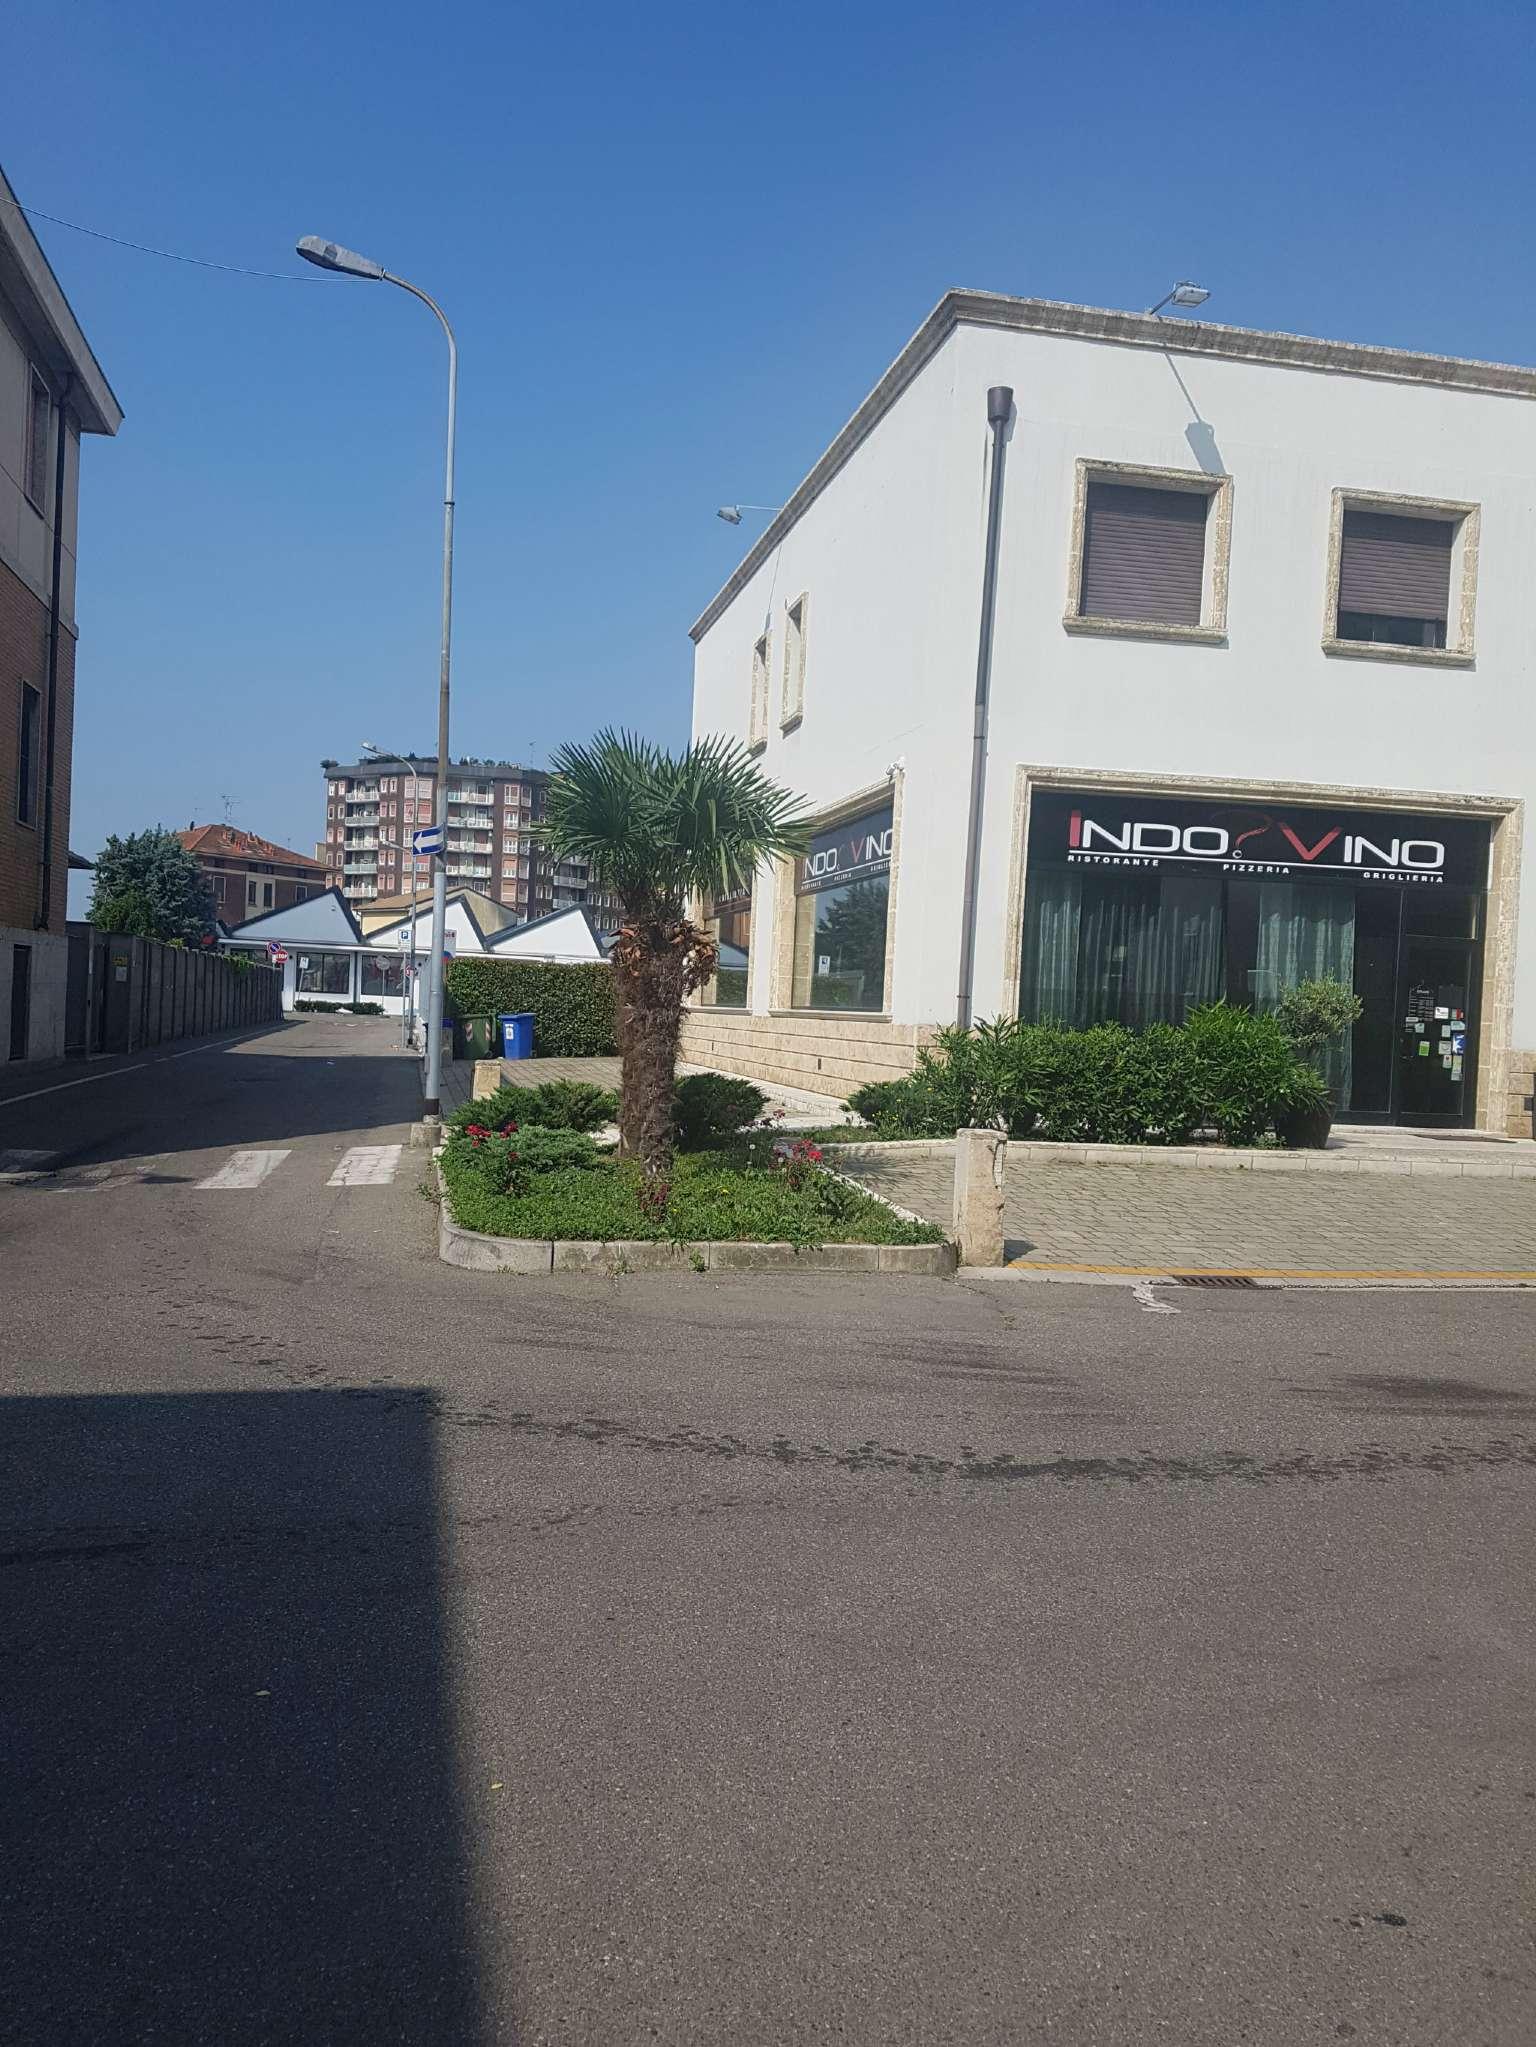 Immobile Commerciale in vendita a Pero, 9999 locali, prezzo € 1.065.000 | PortaleAgenzieImmobiliari.it